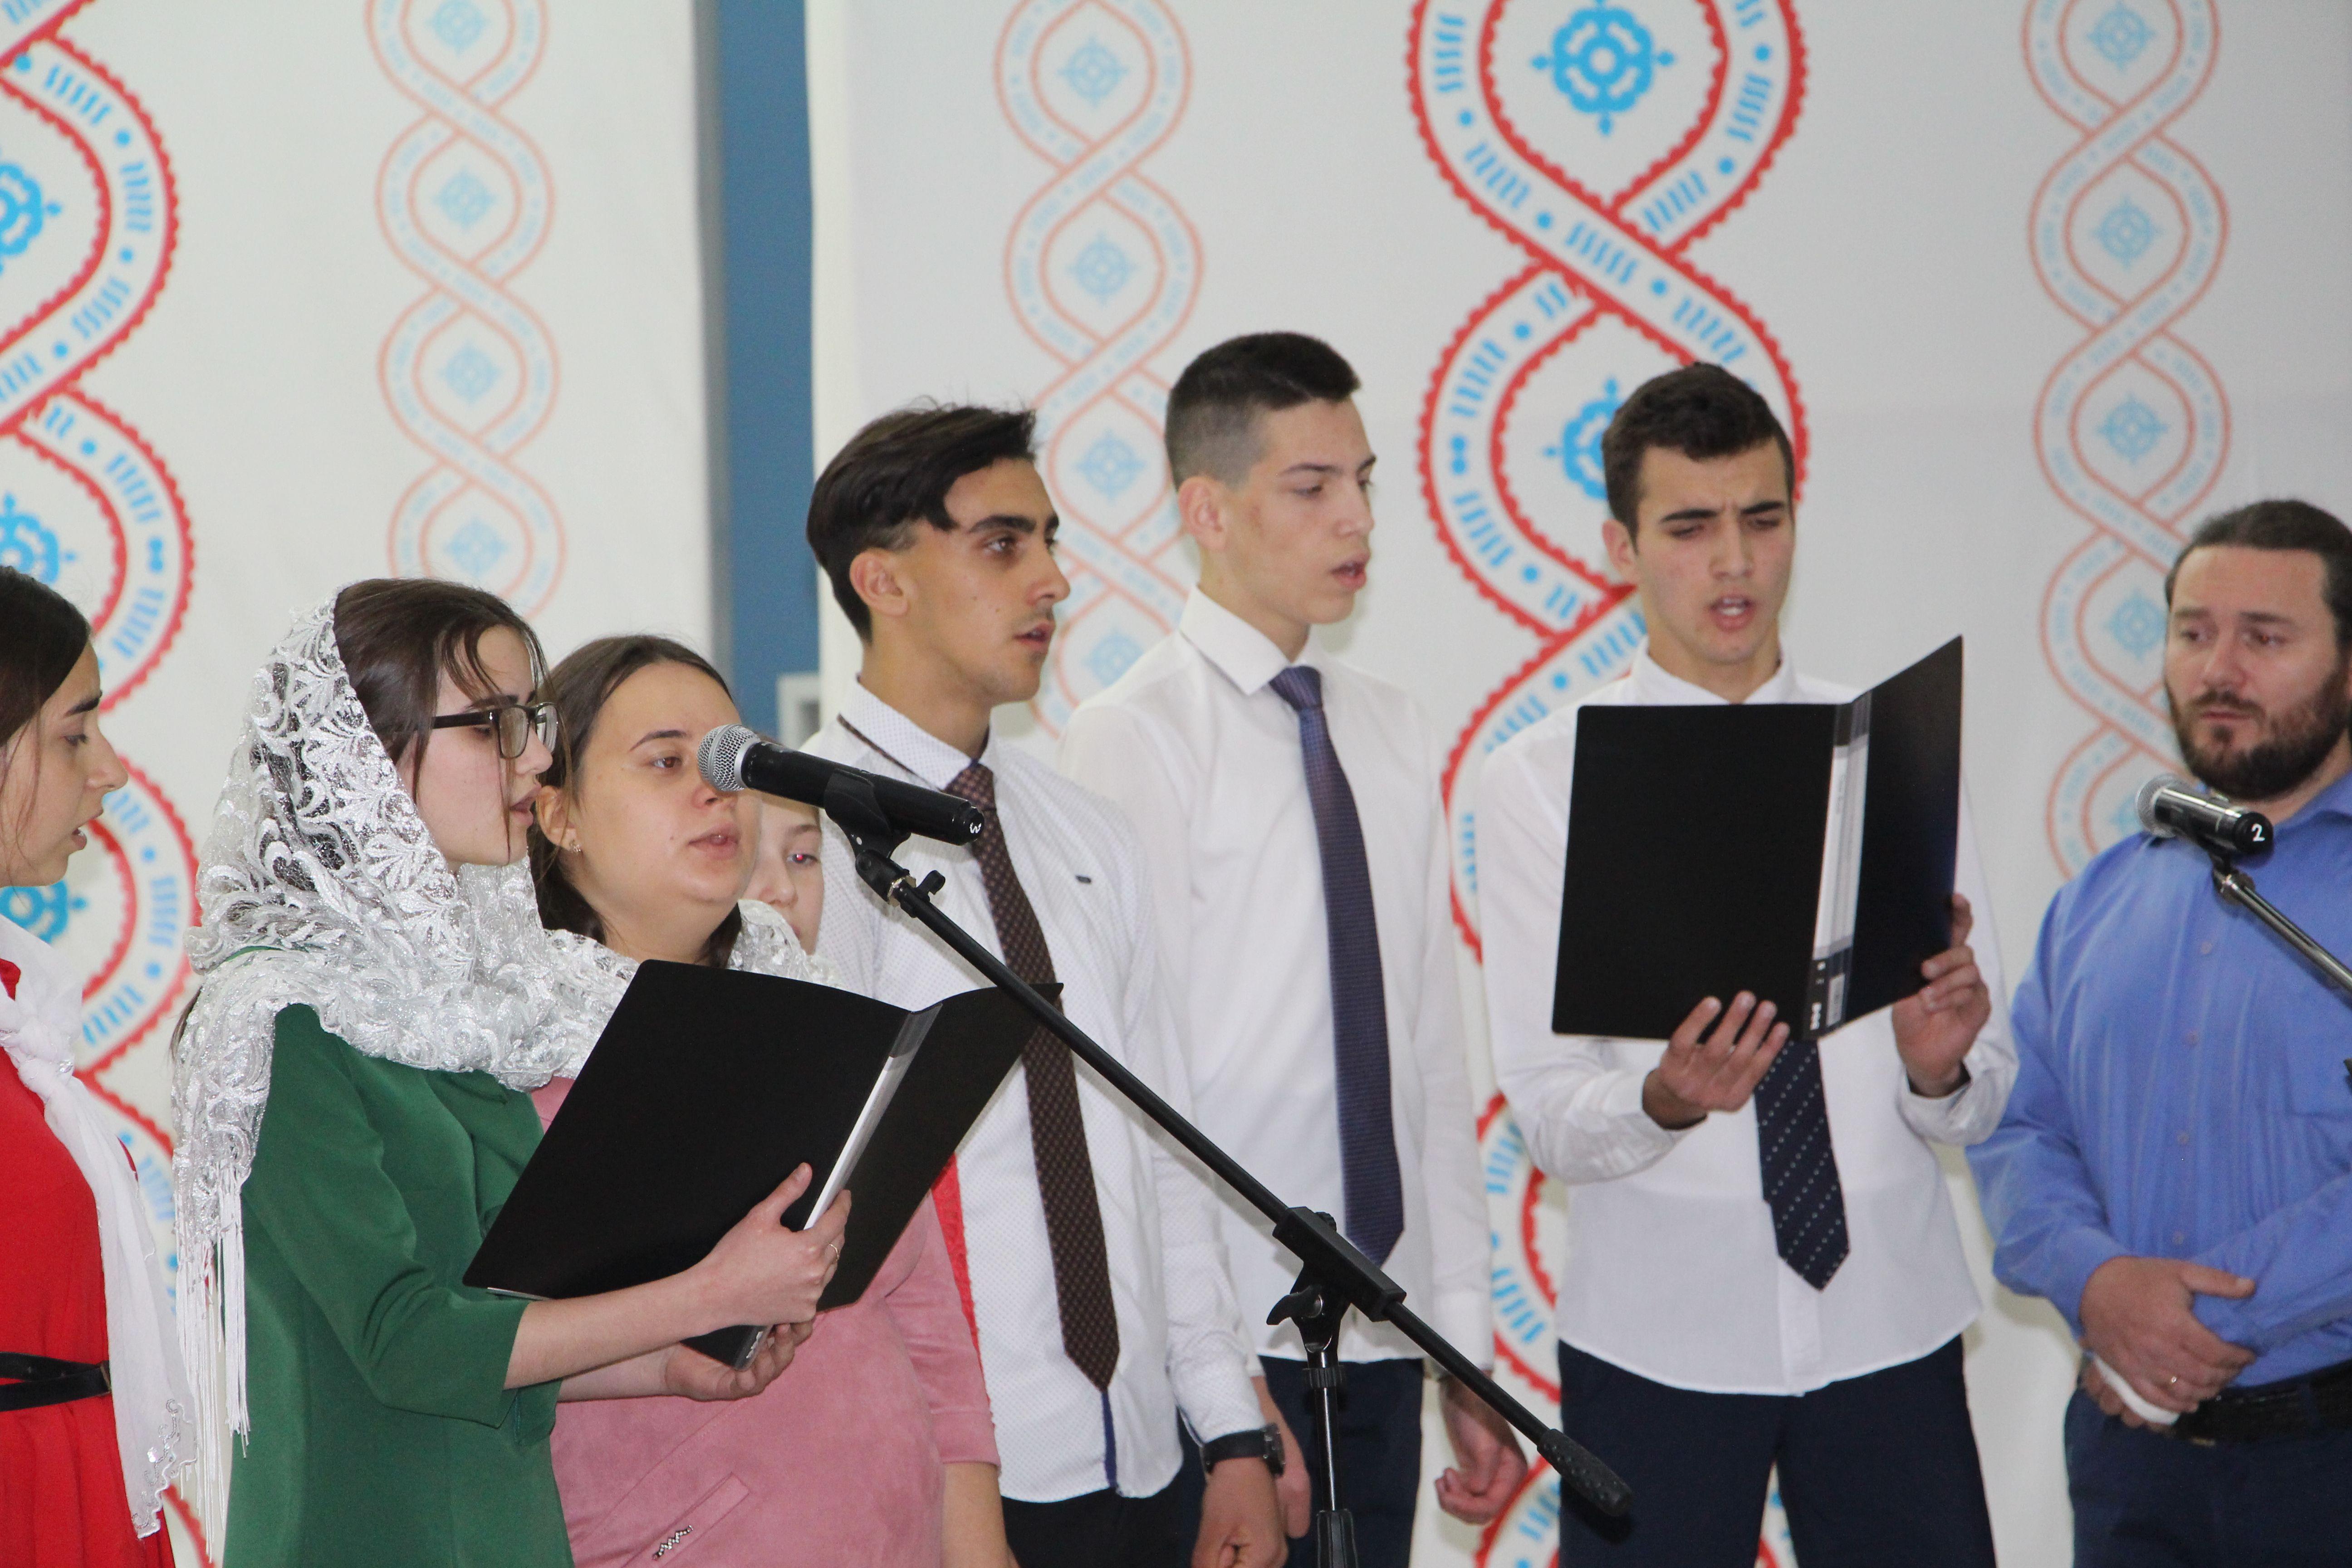 (ВИДЕО) Пасхальное поздравление воскресной школы храма Казанской иконы Божией Матери мун. Чадыр-Лунга